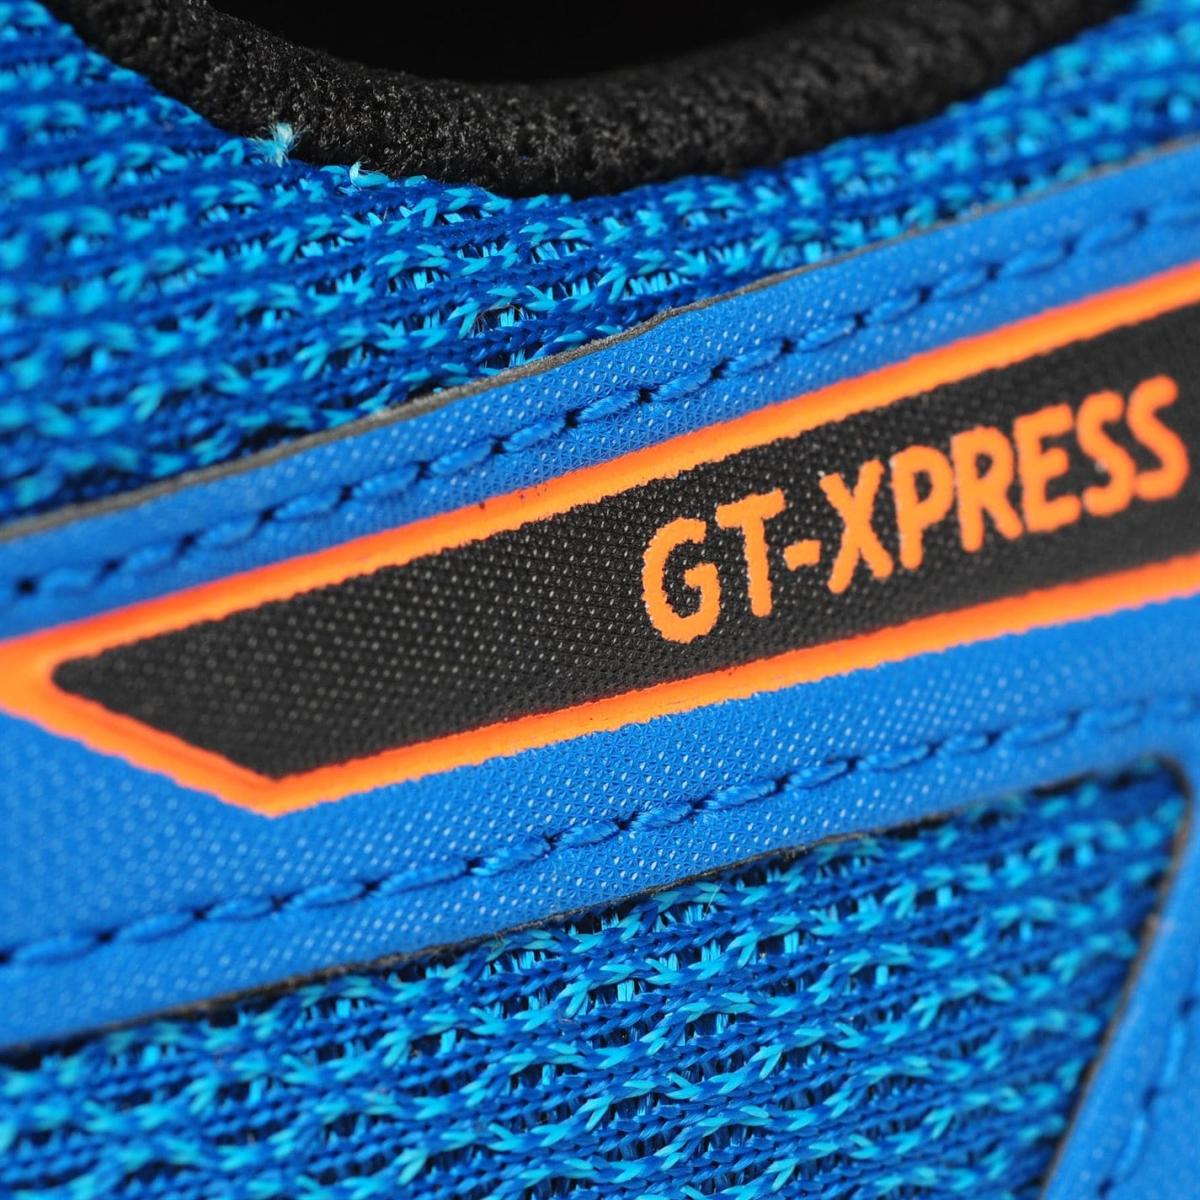 Asics Gt Xpress Herren Laufschuhe Blau_Orange